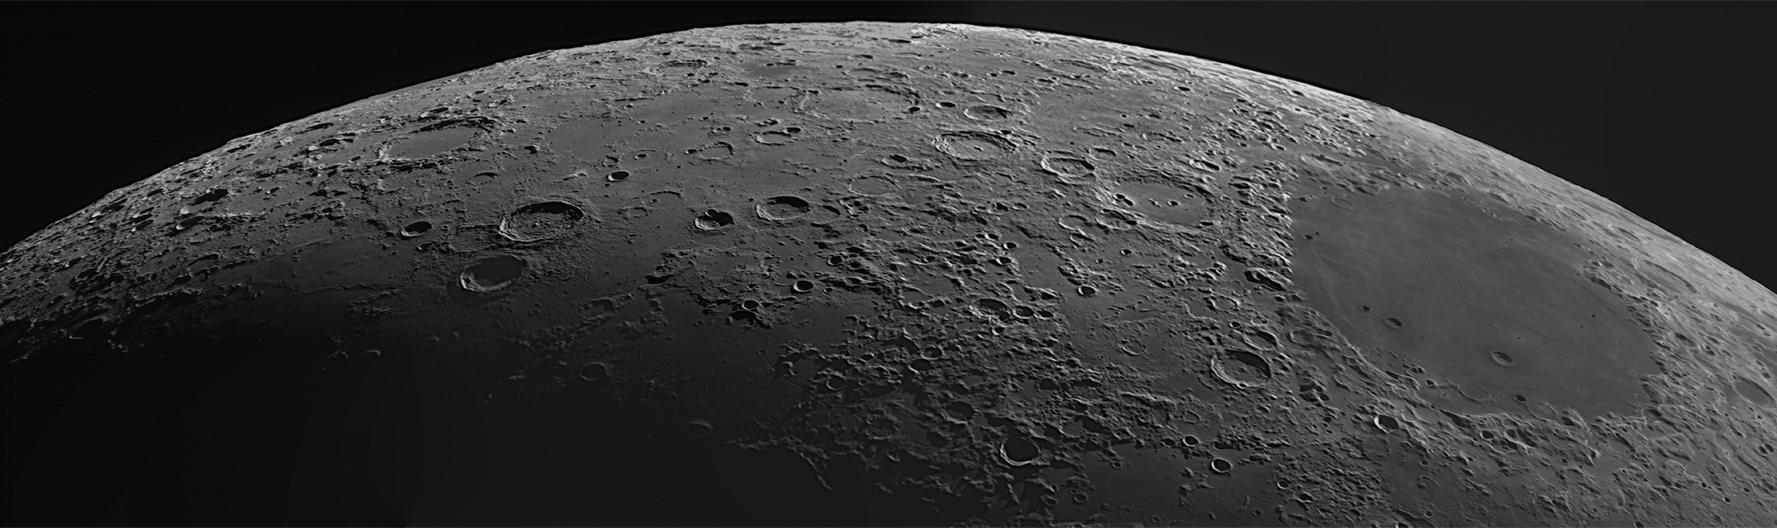 Panorama réalisé à partir 3 clichés - compilation de 3 vidéos de 4000 images chacune à 90 i/s.Marksutov 180/2700mm, caméra ZWO174MM, filtre rouge wratten 25